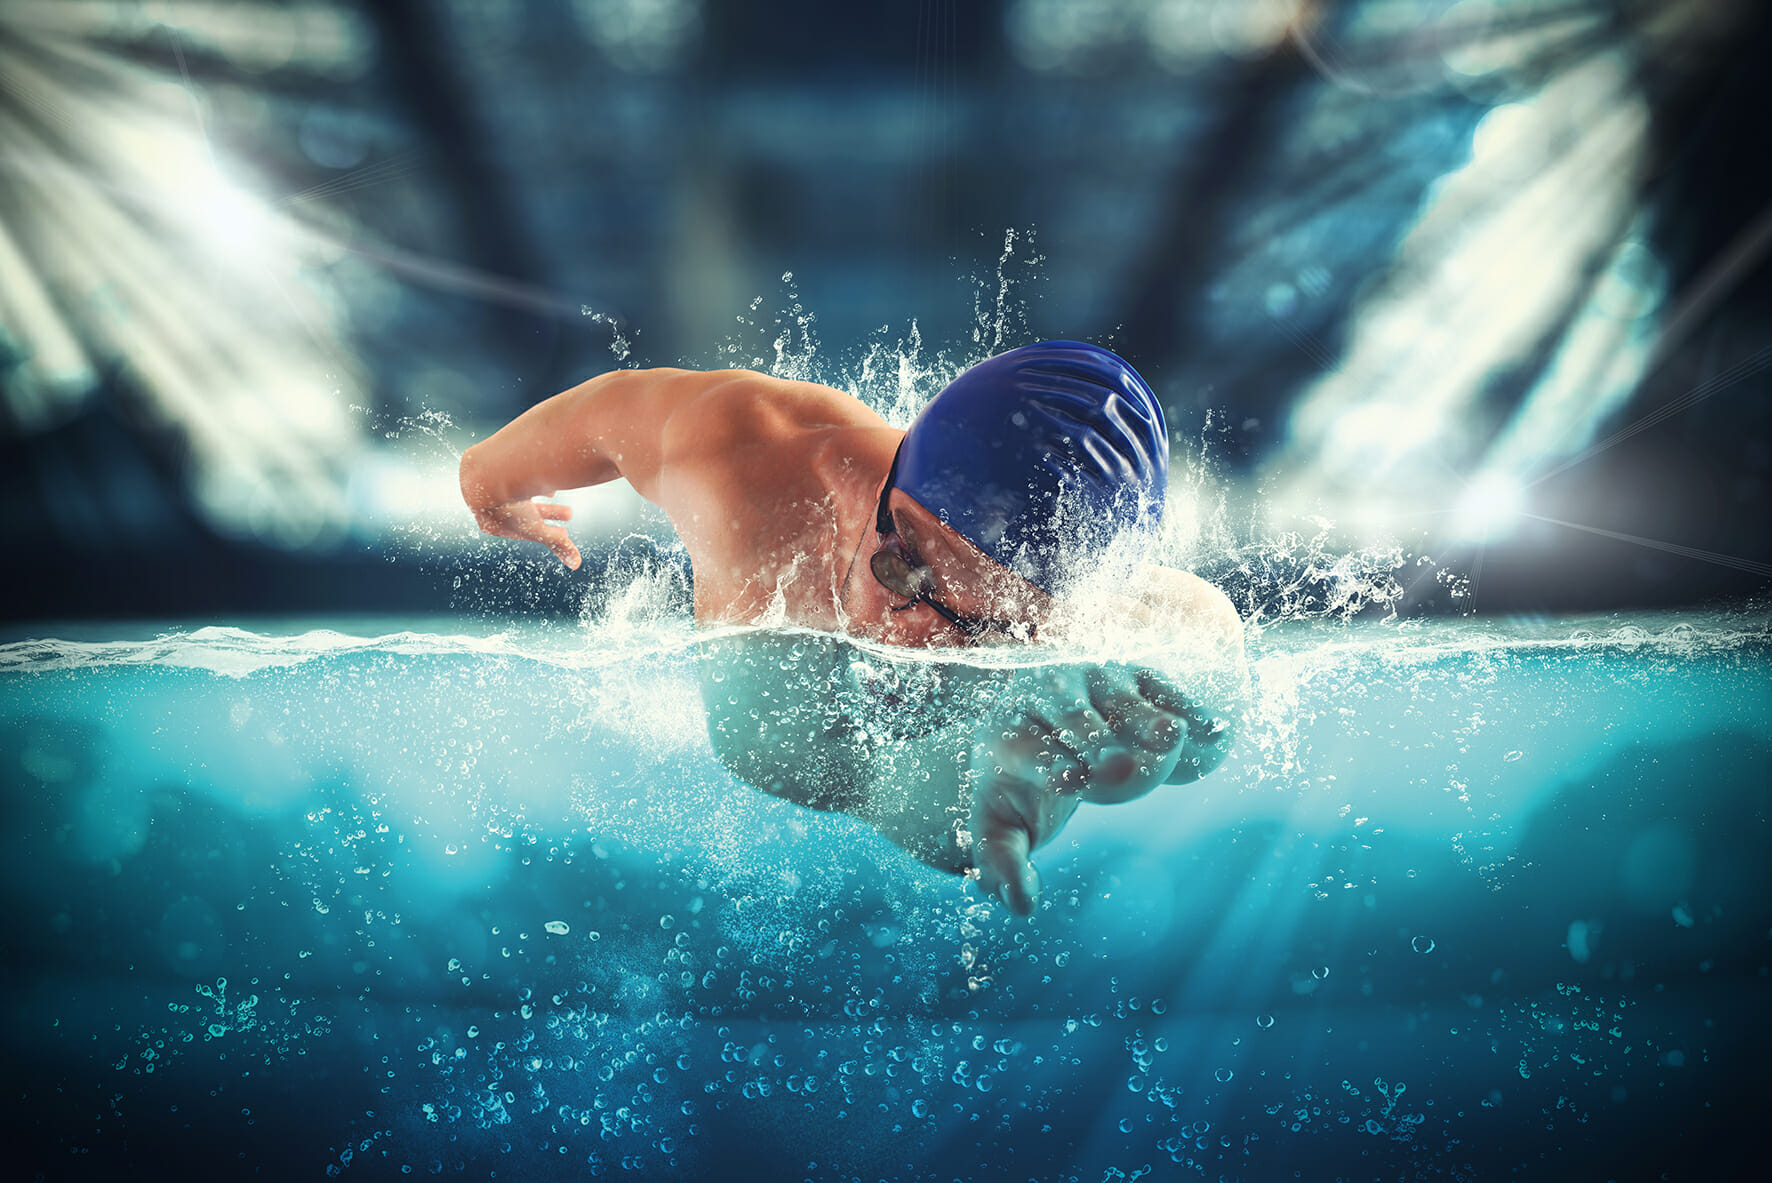 Douleurs d'épaule du nageur: explication, prévention et préparation